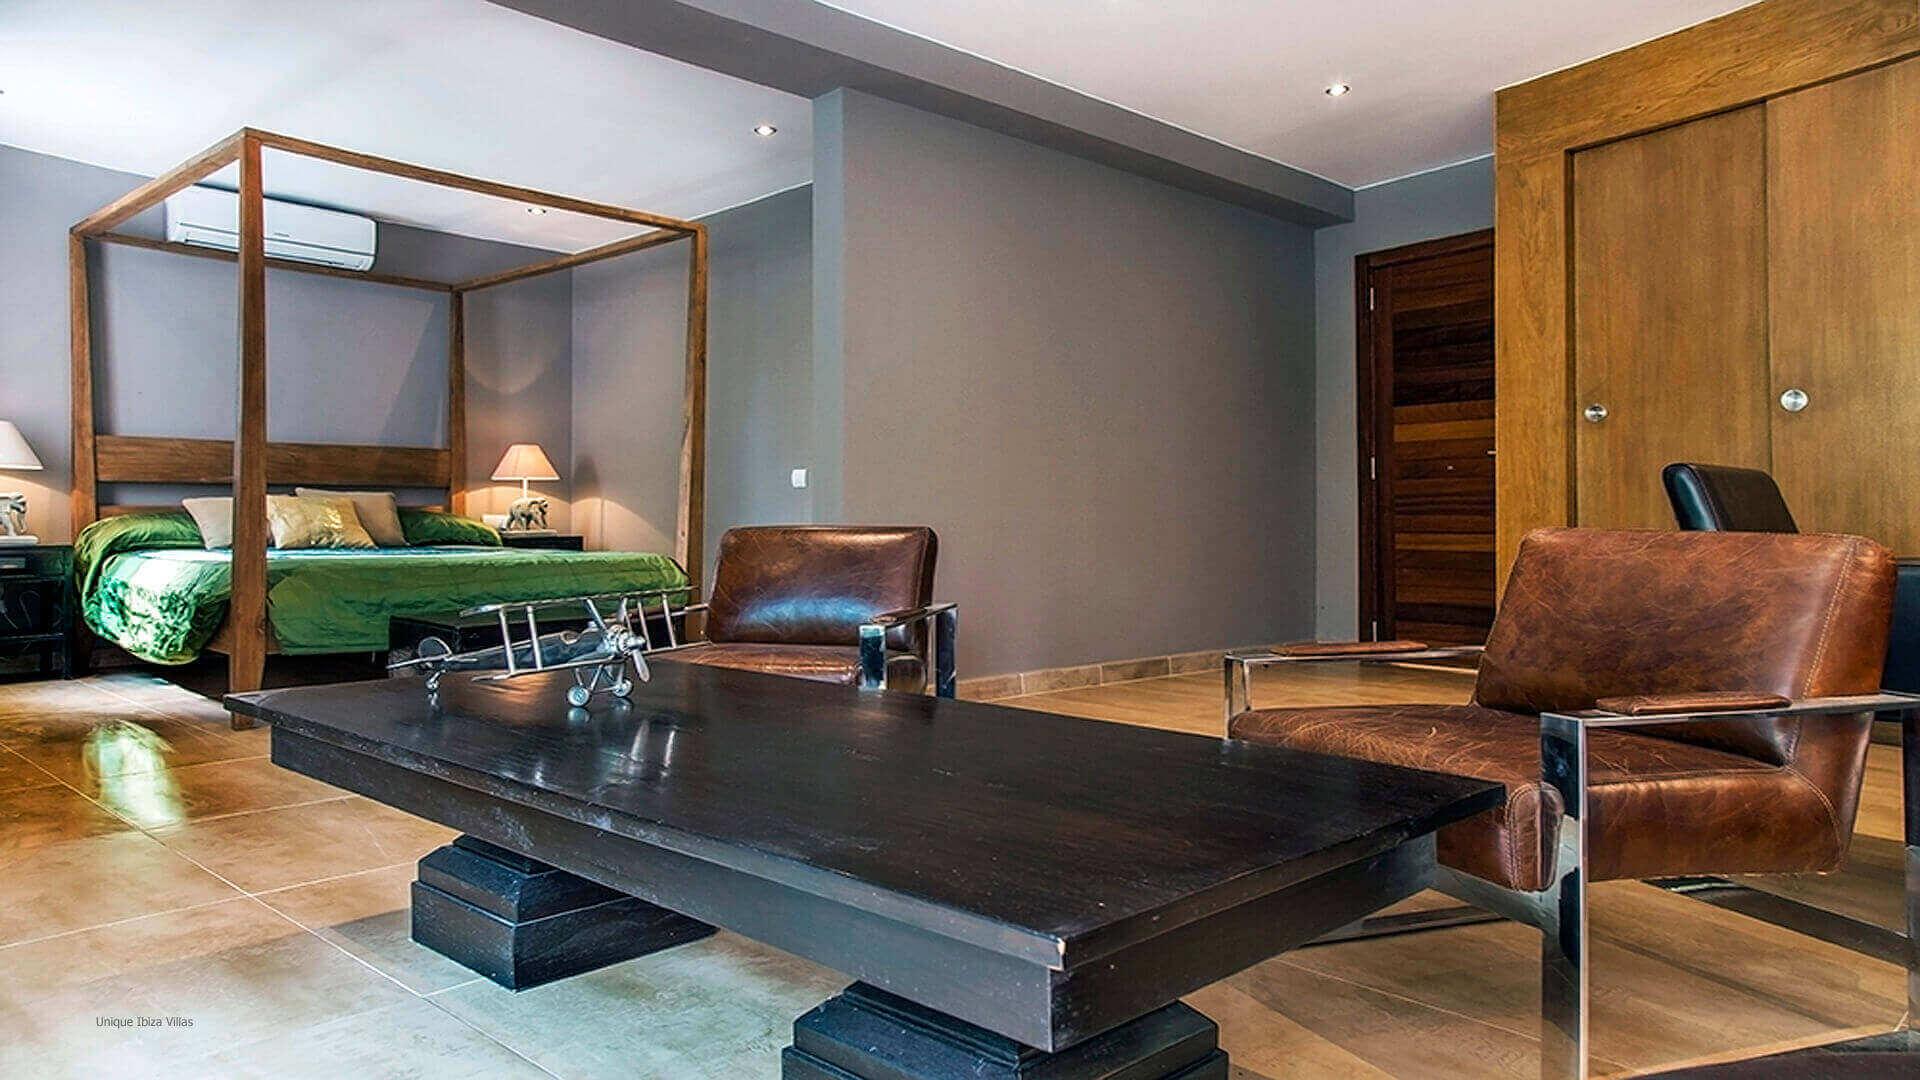 Casa India Ibiza 21 Bedroom 4